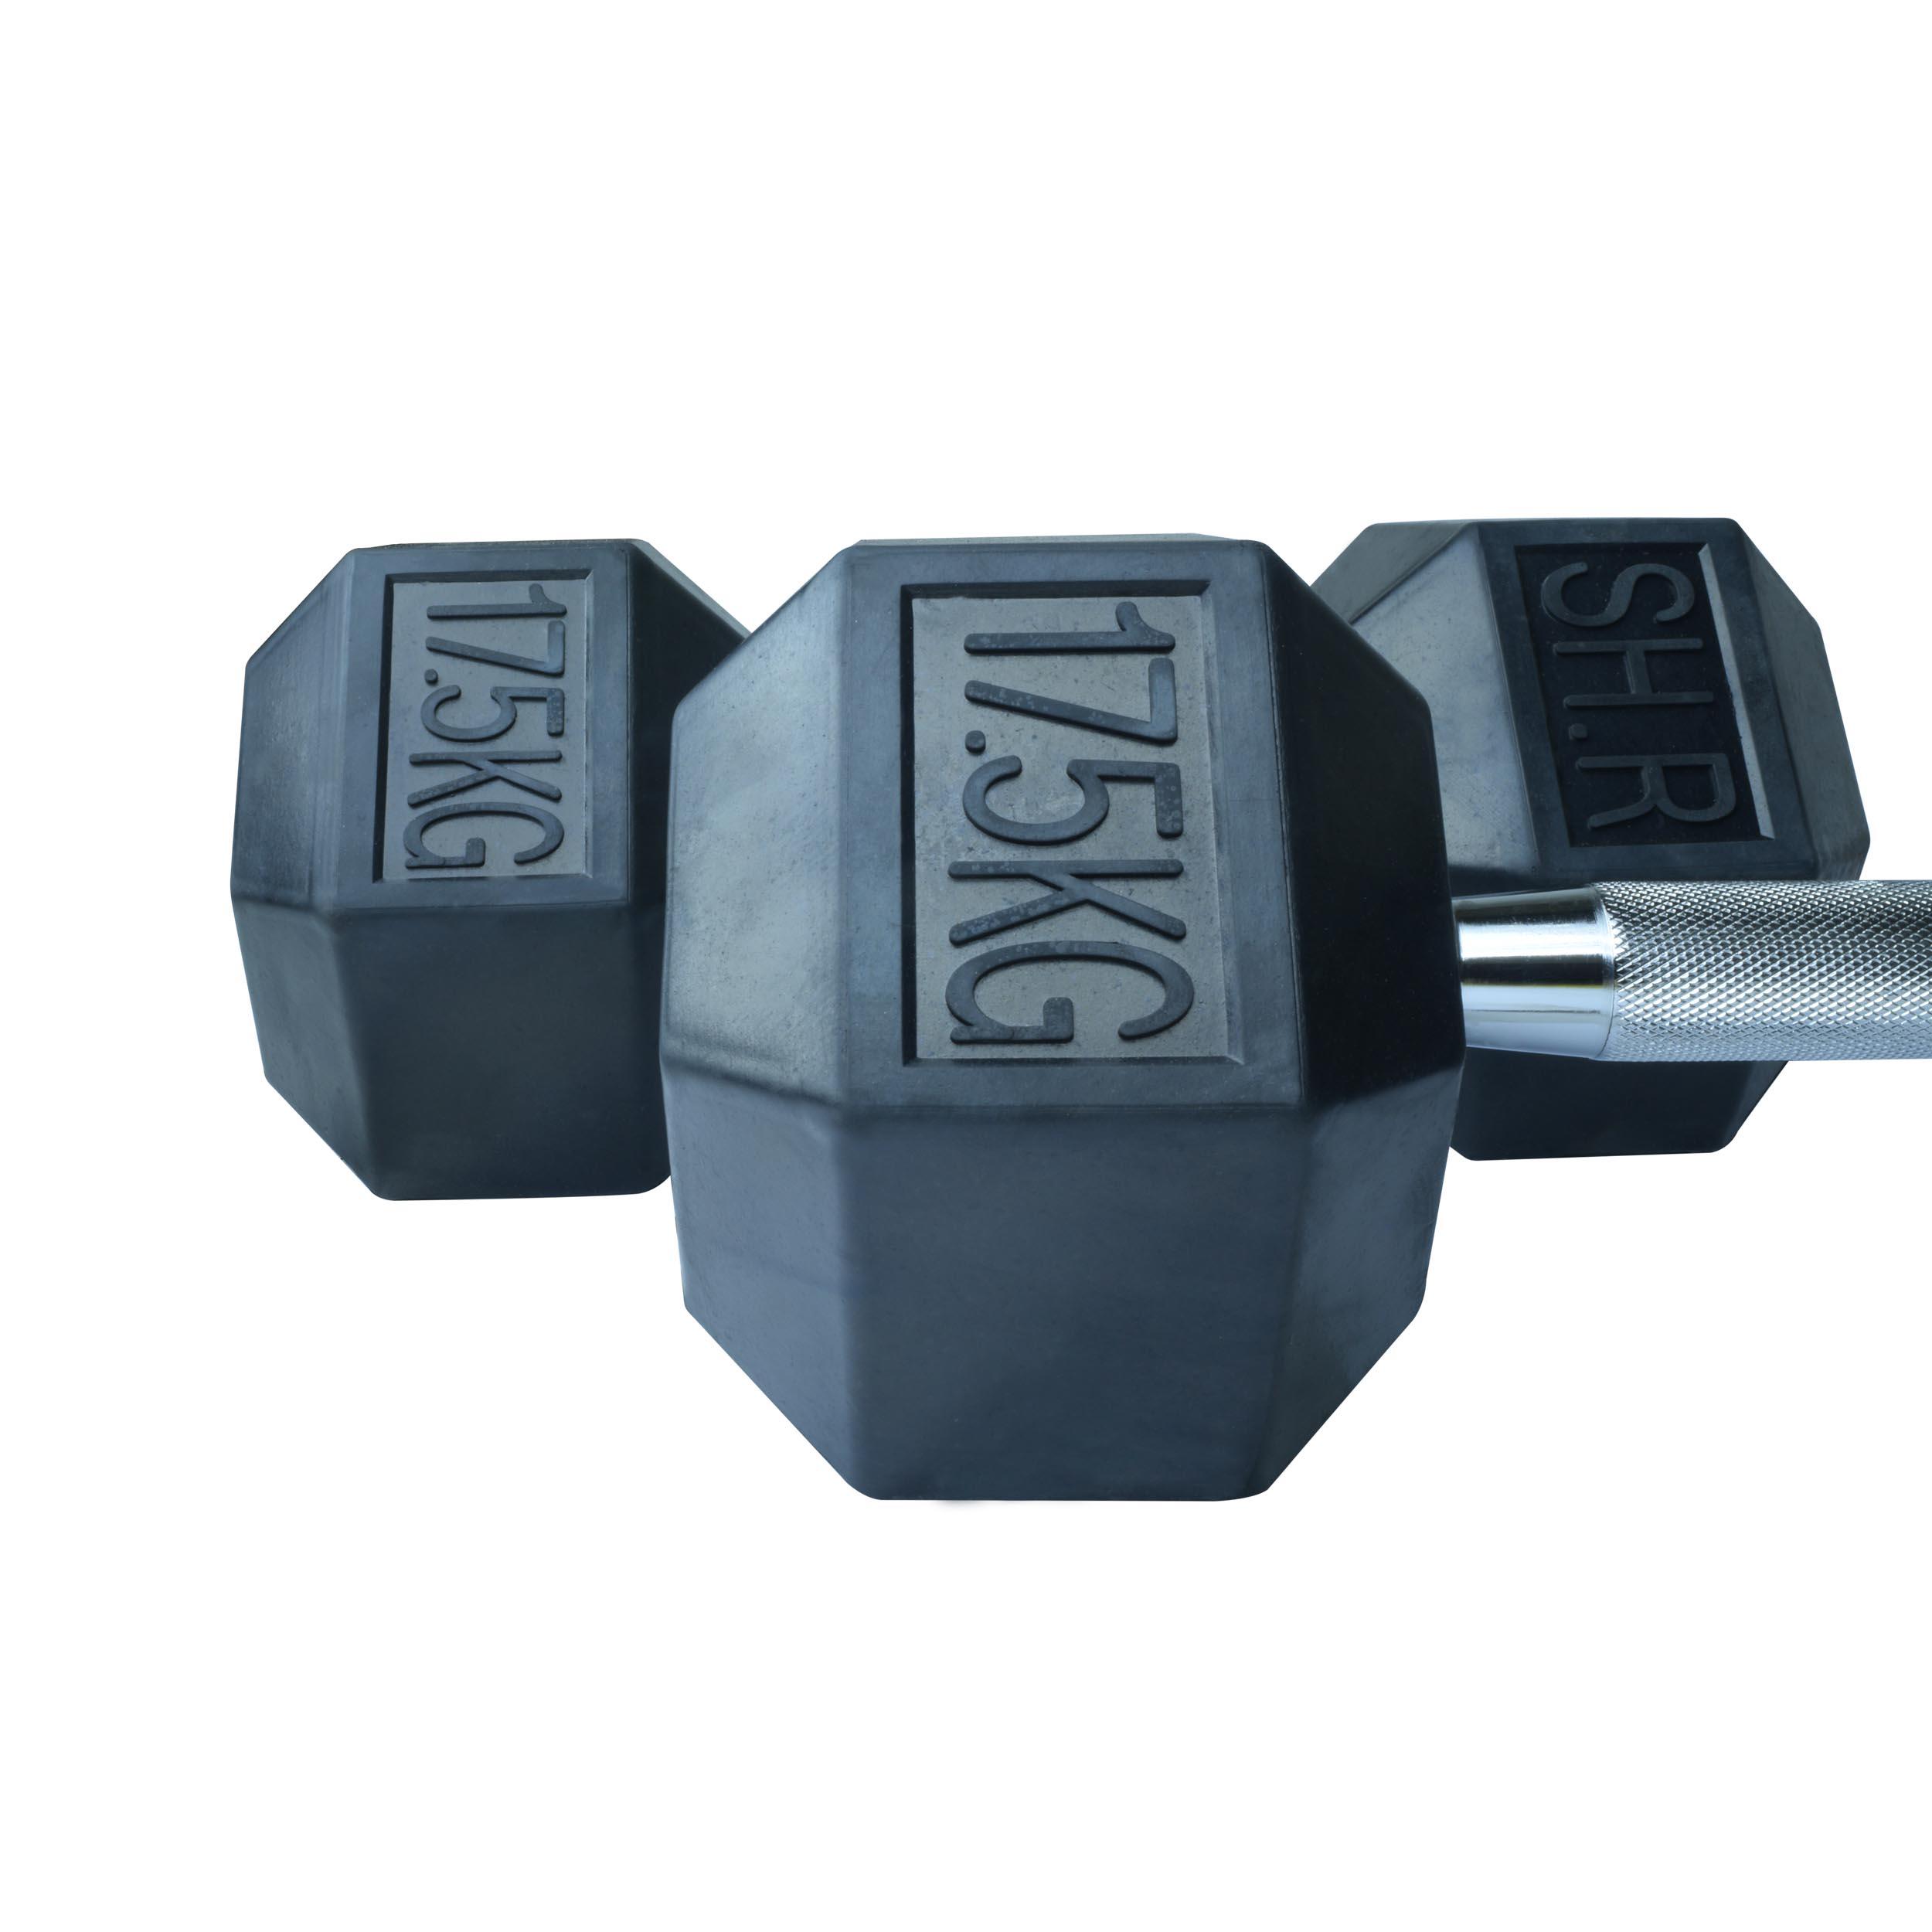 دمبل اس اچ ار کد B6 وزن 17.5 کیلوگرم بسته 2 عددی